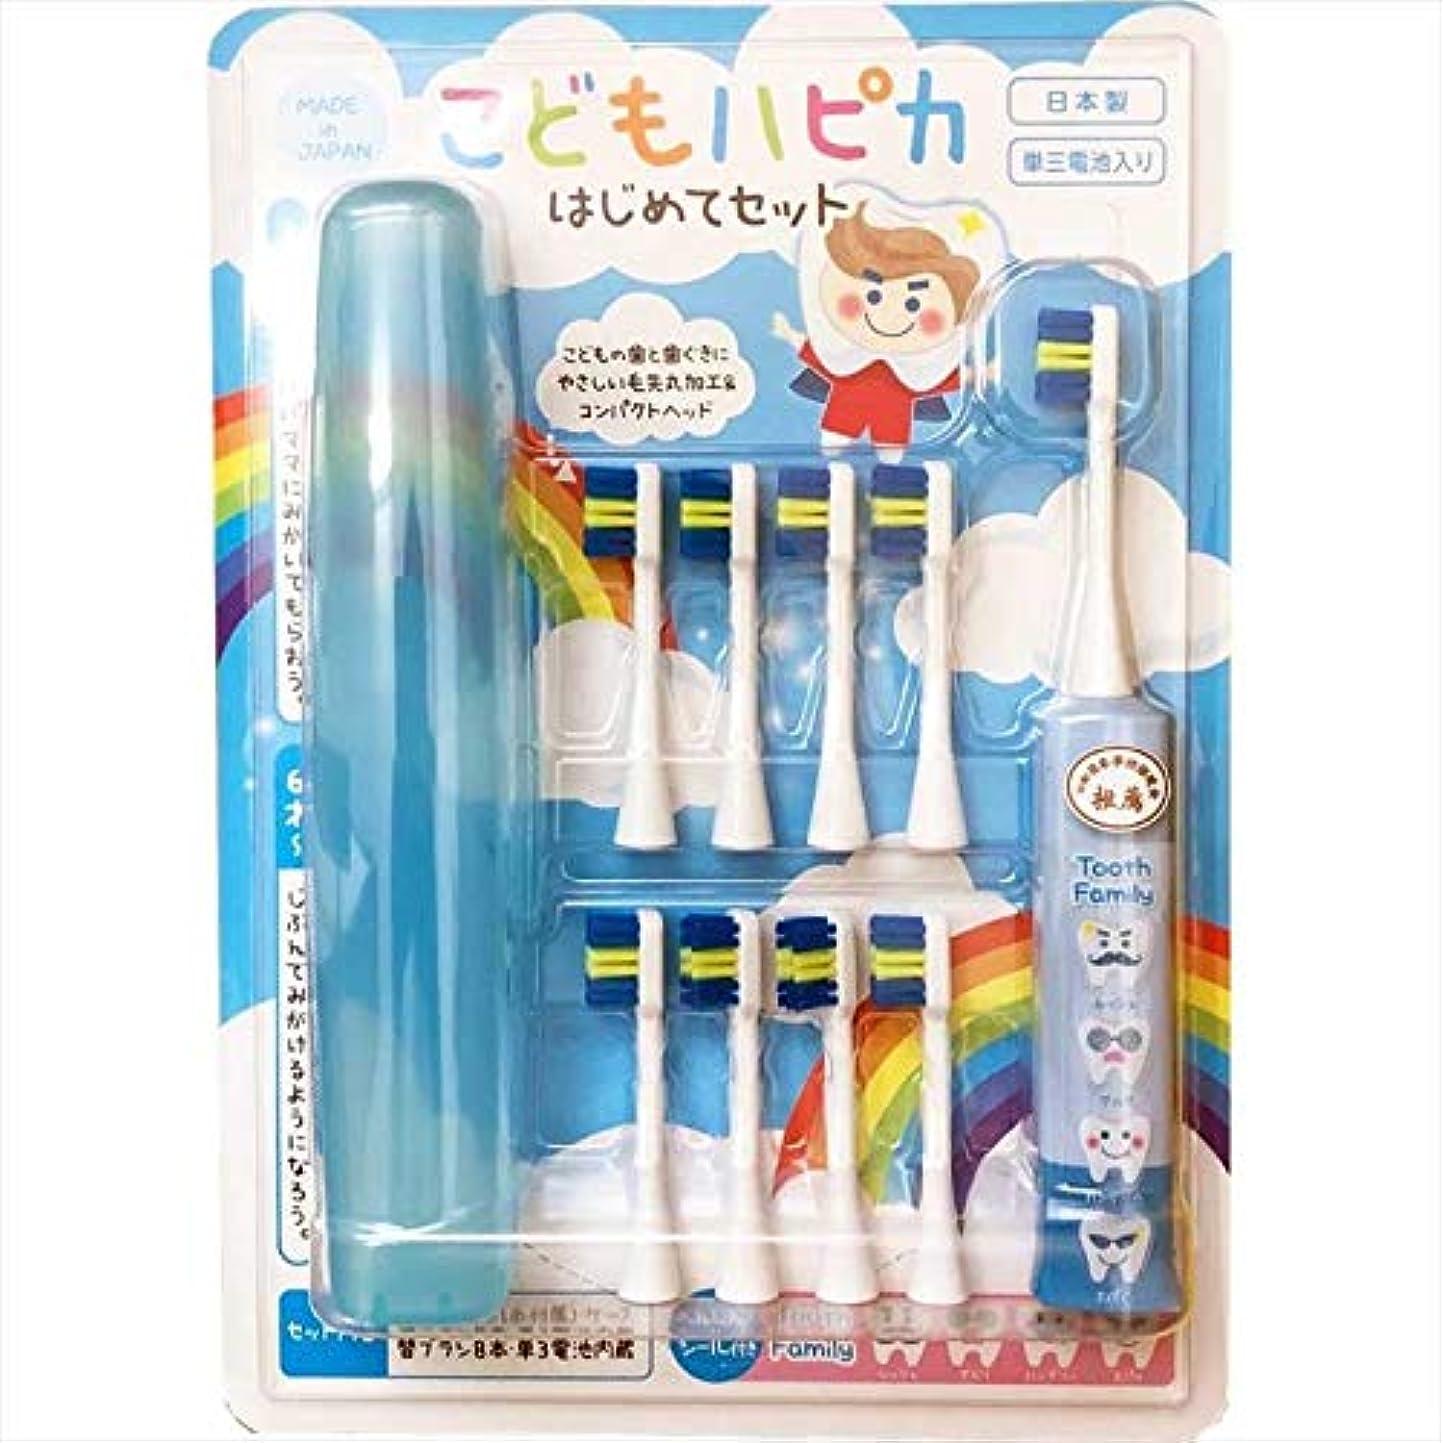 フェロー諸島参照する句読点こどもハピカセット ブルー 子供用電動歯ブラシ